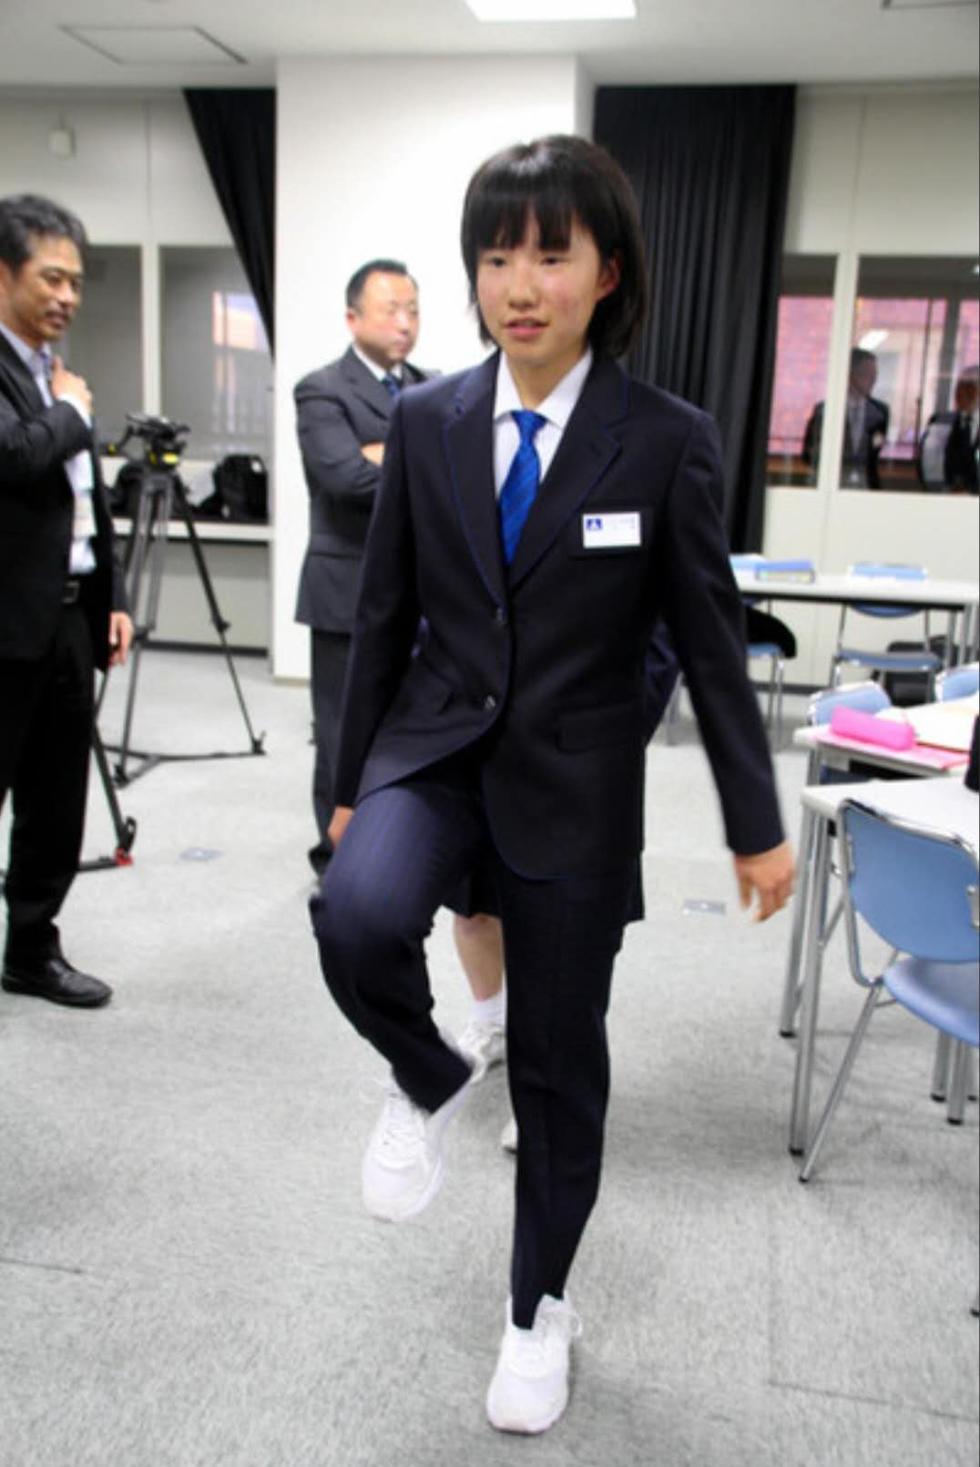 不爱水手服了?日本女学生偏爱这款西装裤校服(图)